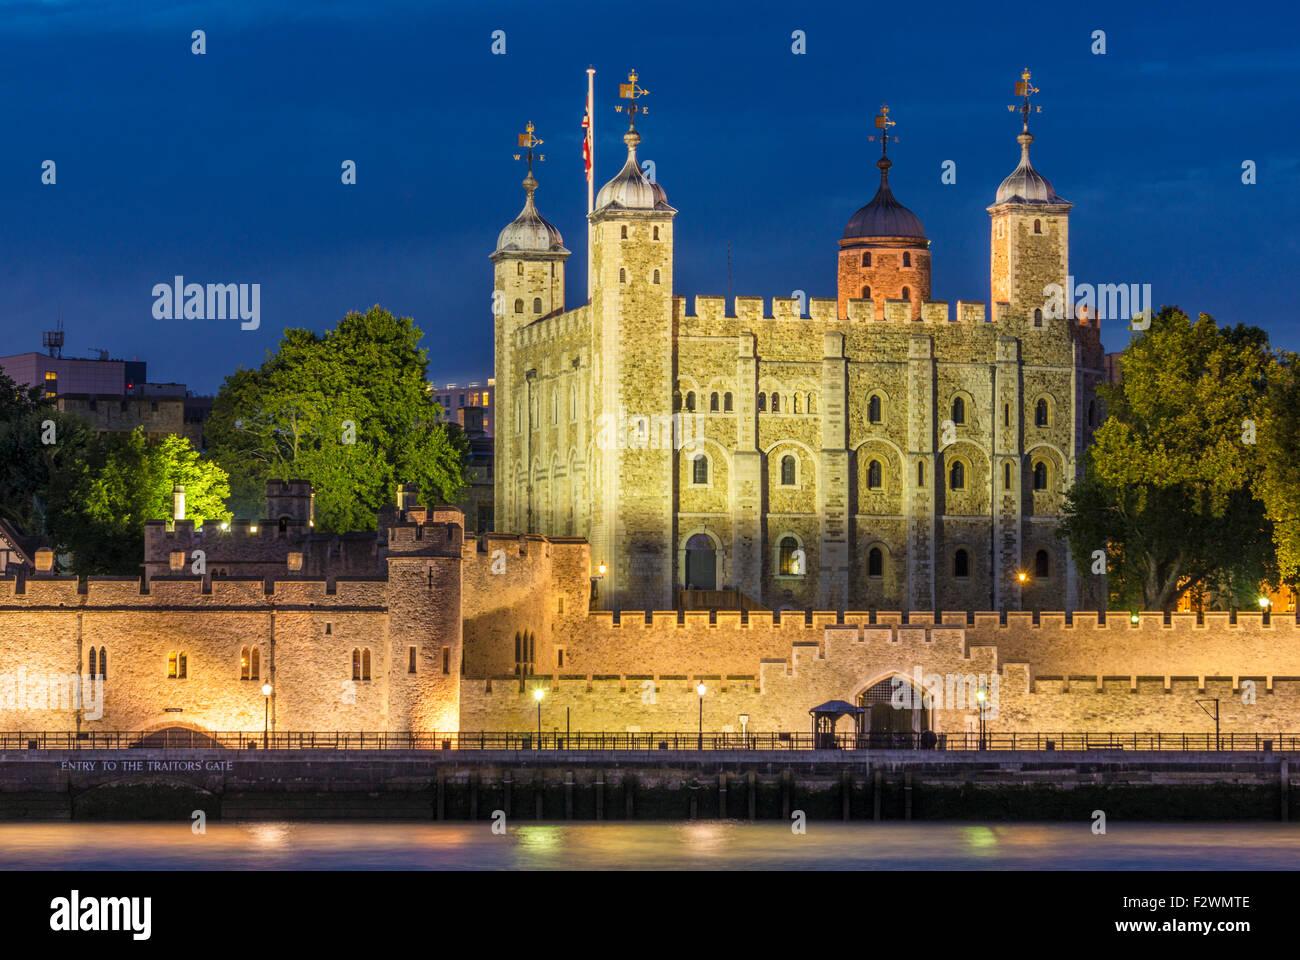 La torre blanca y el castillo de la Torre de Londres vista nocturna de la ciudad de Londres, Inglaterra GB UK EU Imagen De Stock